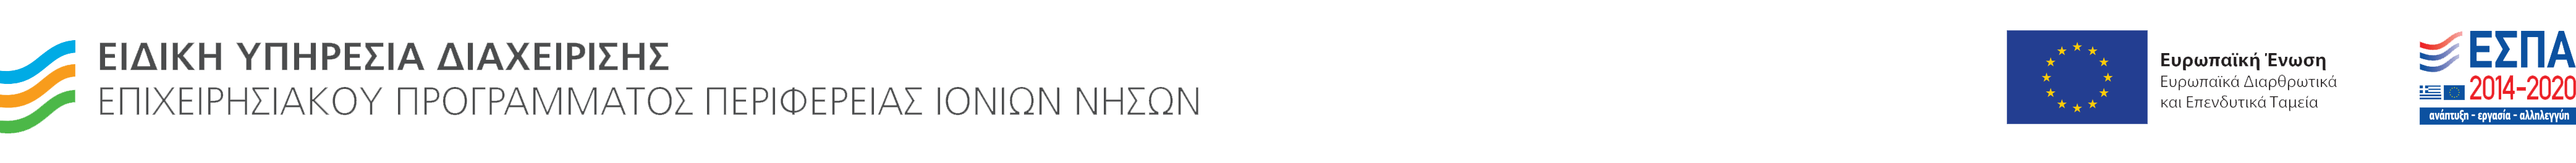 Ειδική Υπηρεσία Διαχείρισης ΕΠ Ιονίων Νήσων 2014-2020